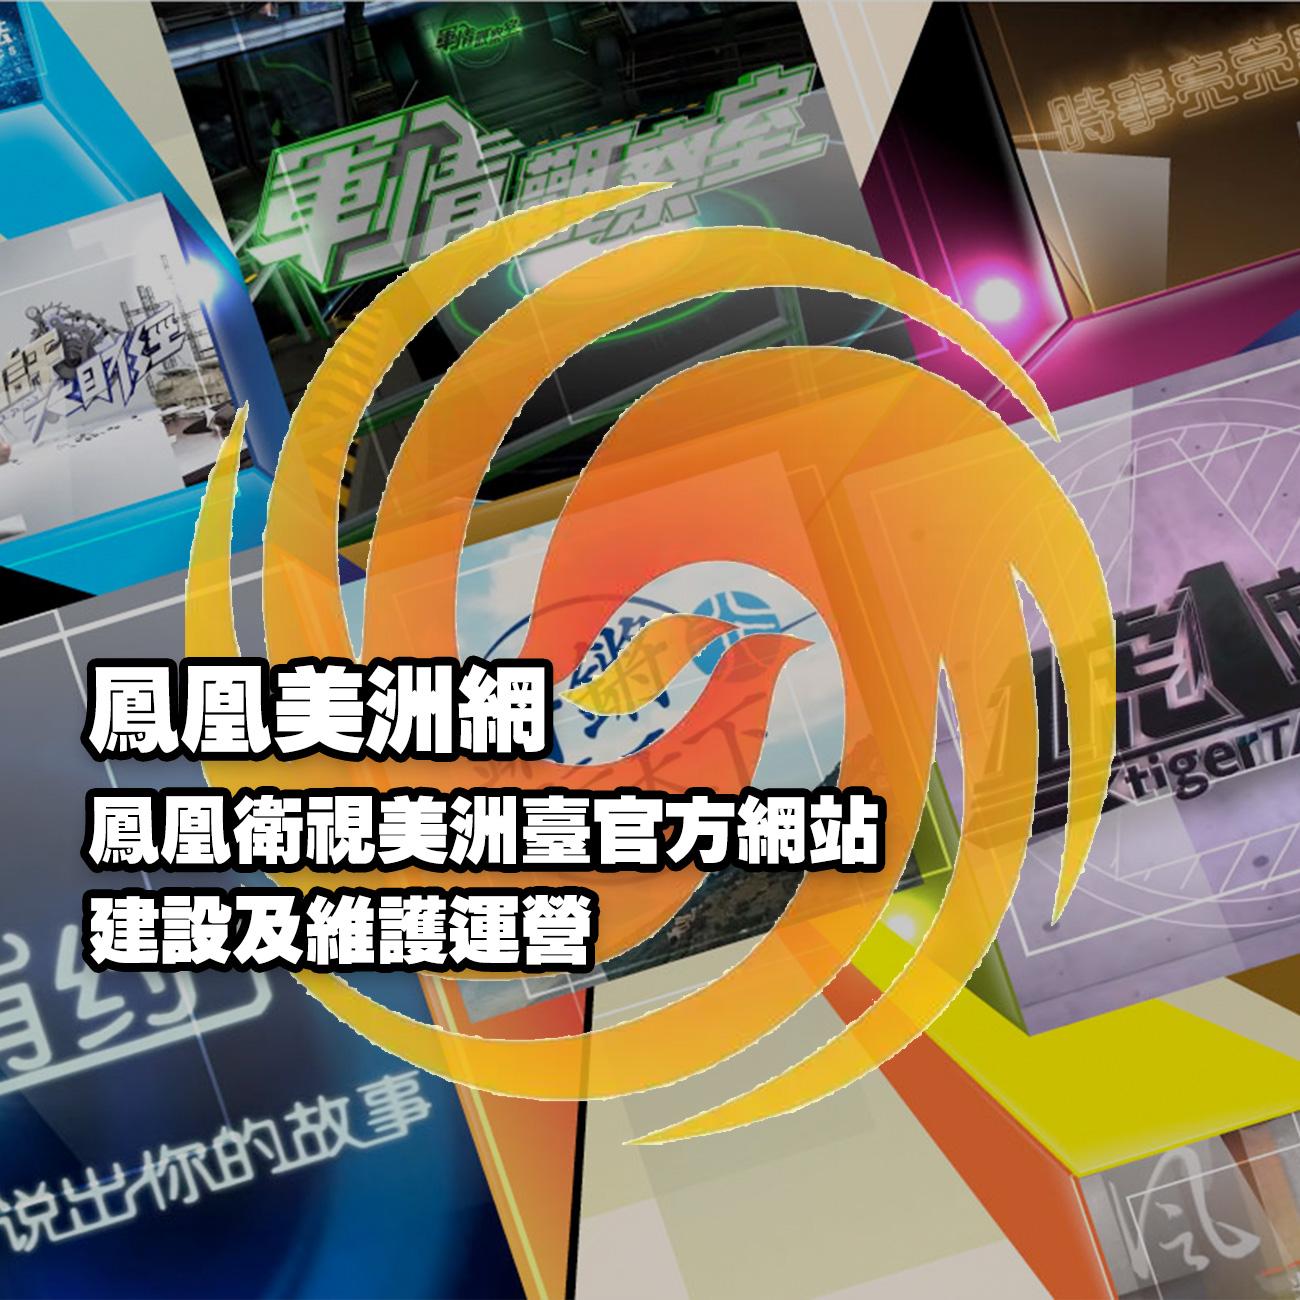 凤凰美洲网|凤凰卫视美洲台官方网站建设及维护运营